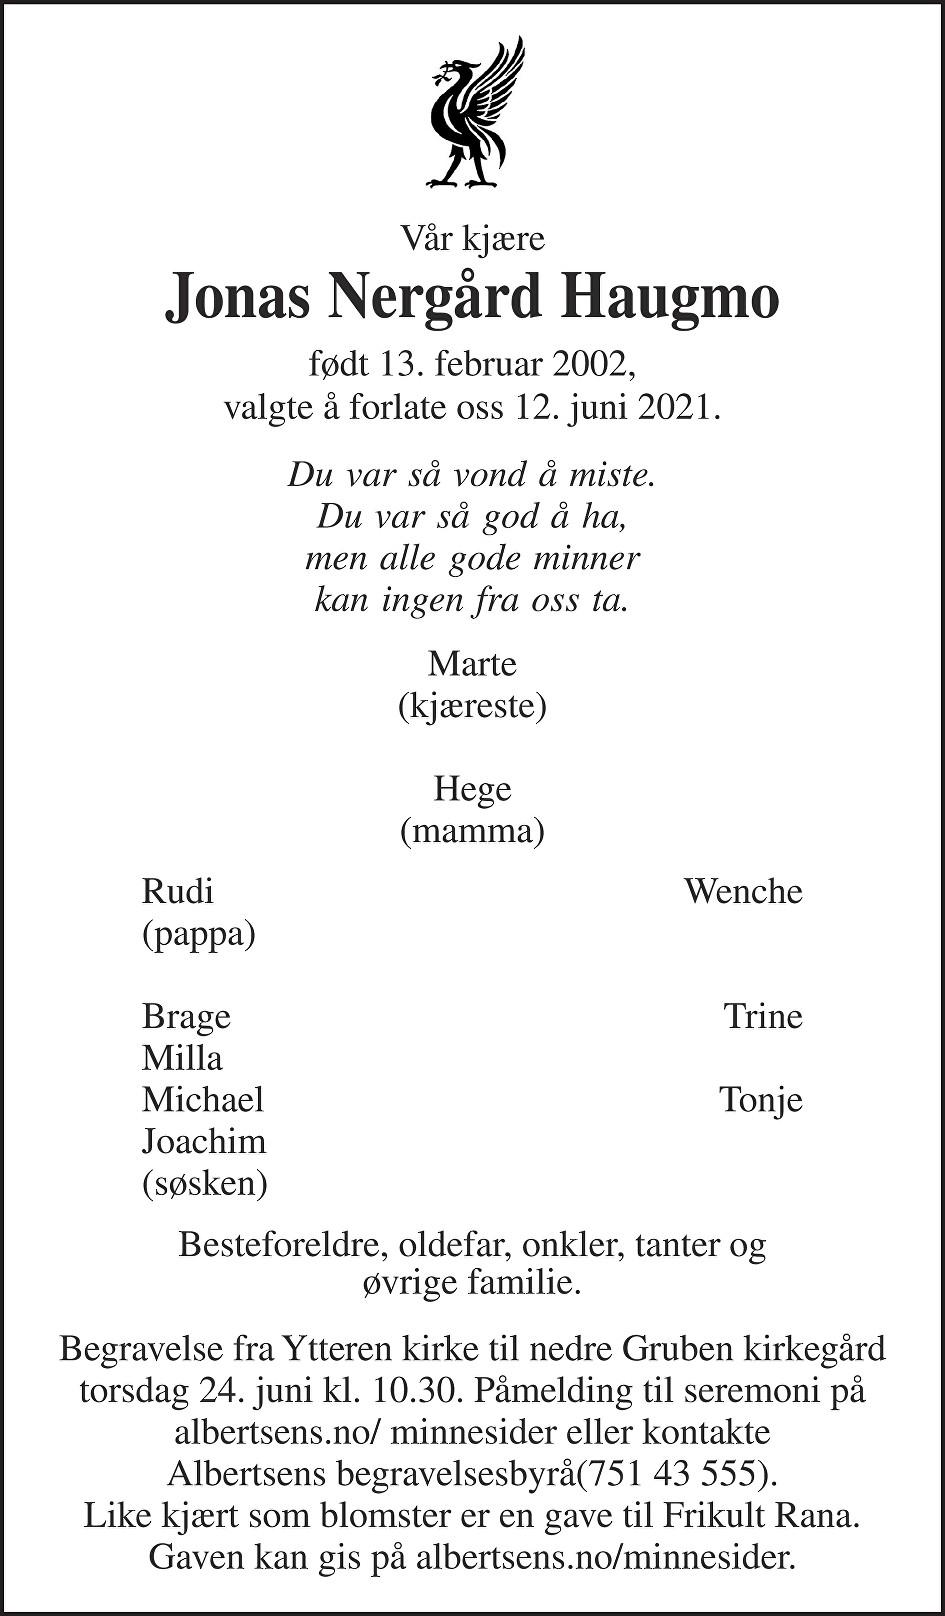 Jonas Nergård Haugmo Dødsannonse